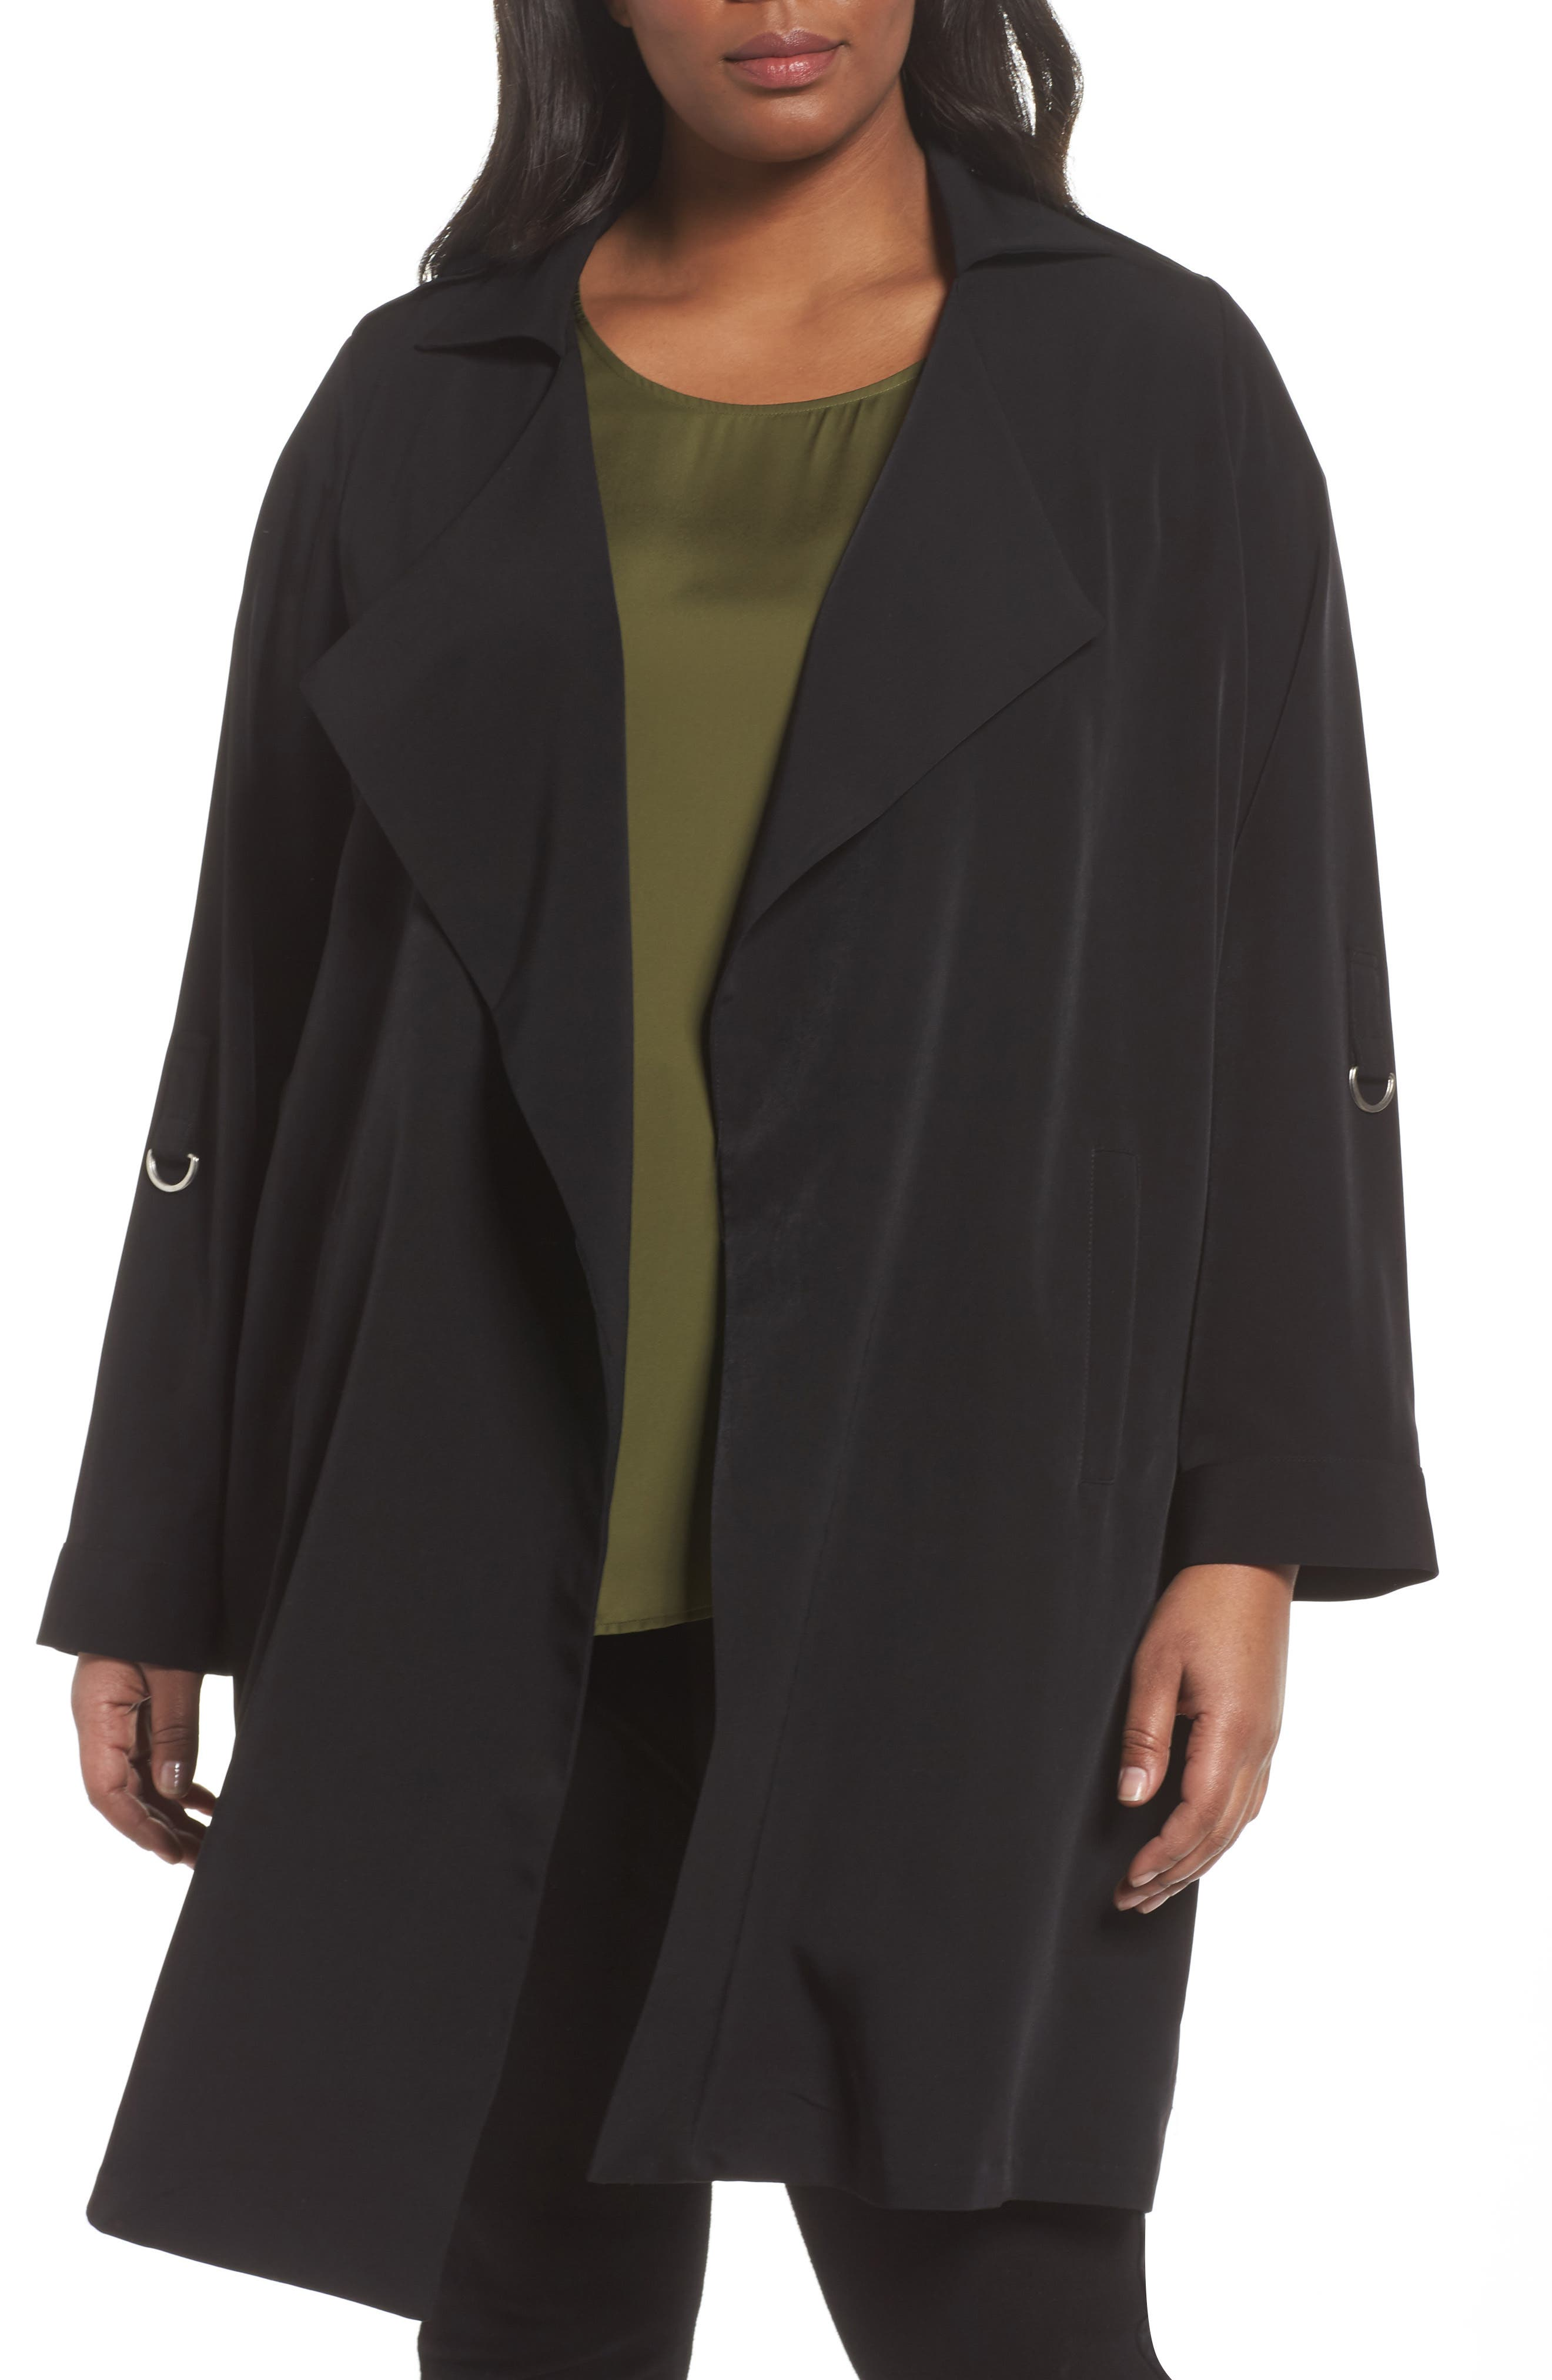 Kaiza Trench Coat,                             Alternate thumbnail 4, color,                             Black Beauty